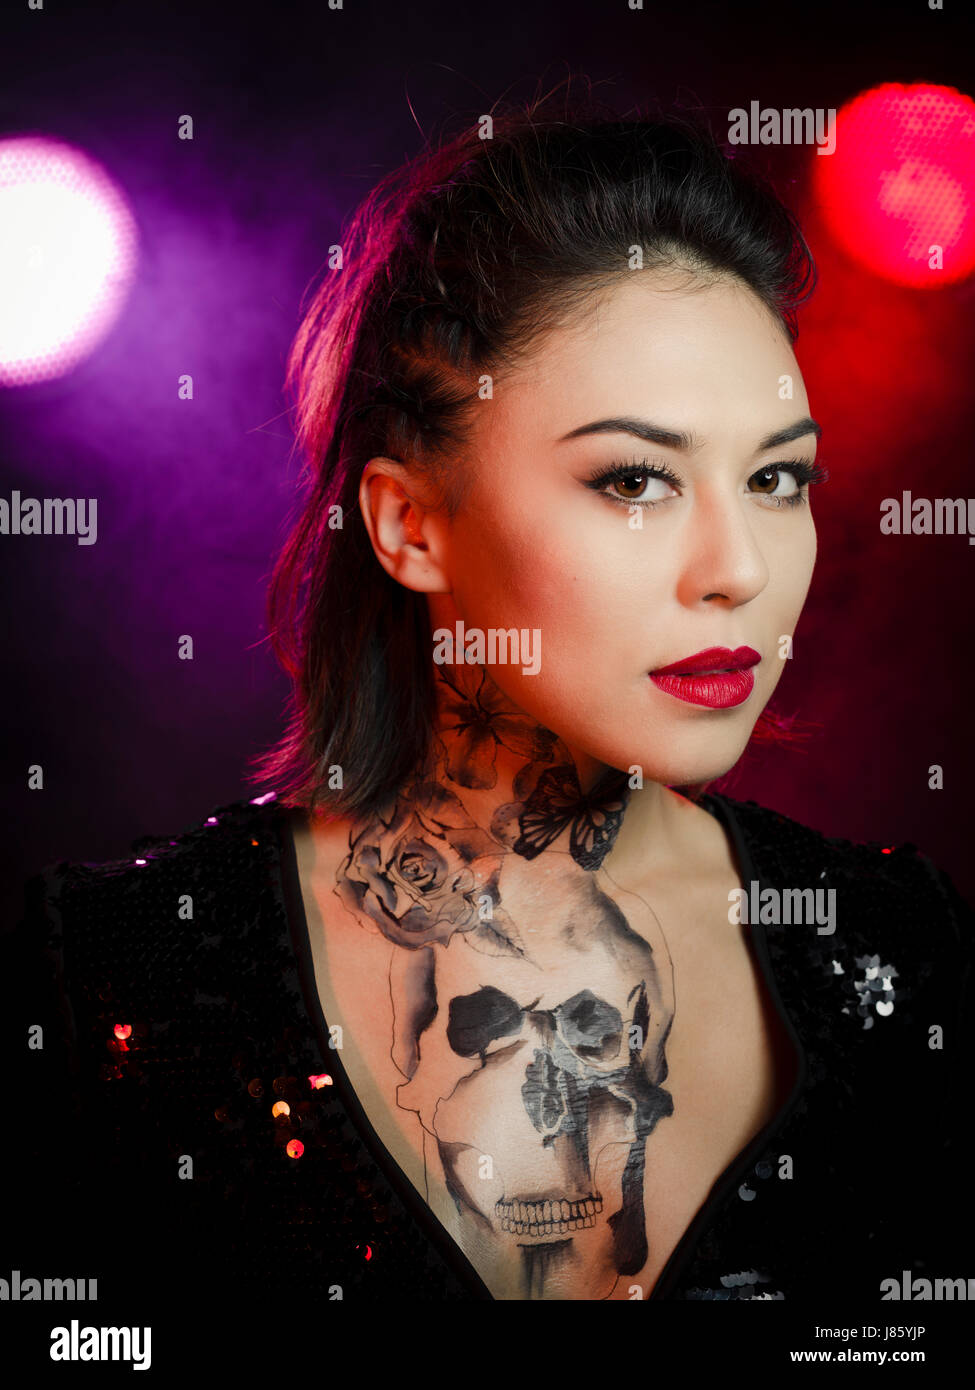 Femme Avec La Poitrine Et Le Cou Tatouage Temporaire Banque D Images